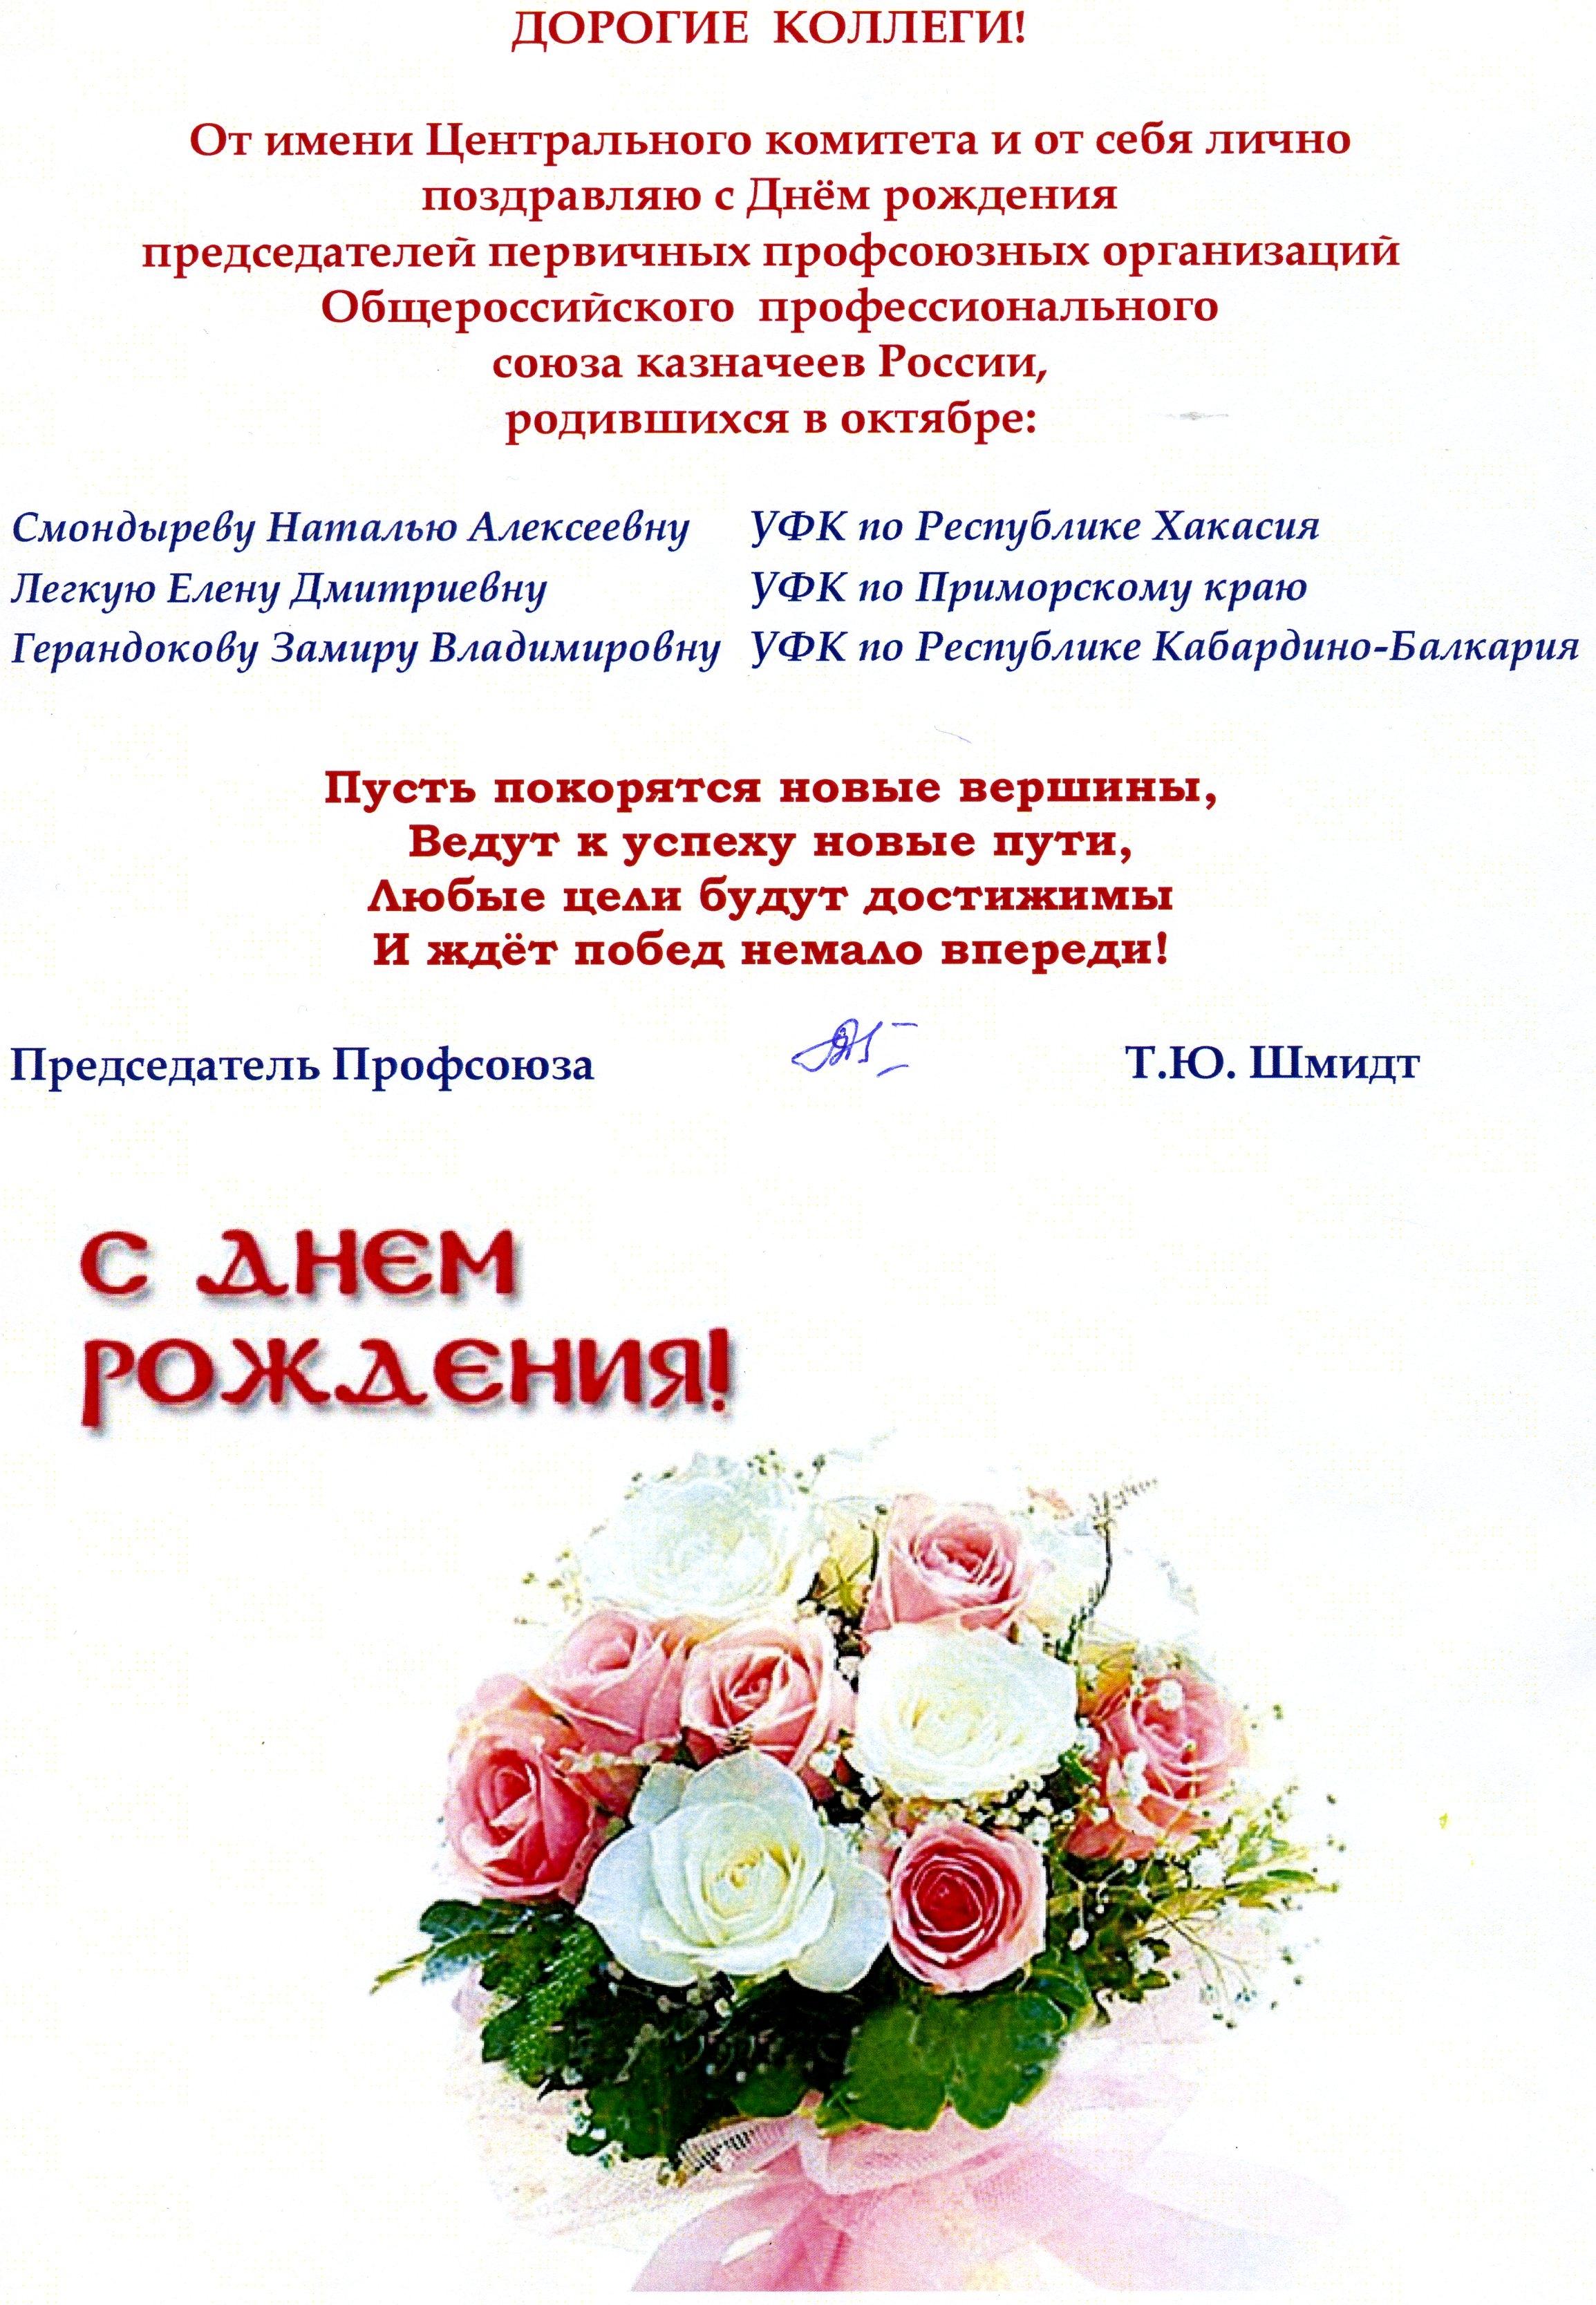 Поздравления от профкома на юбилее